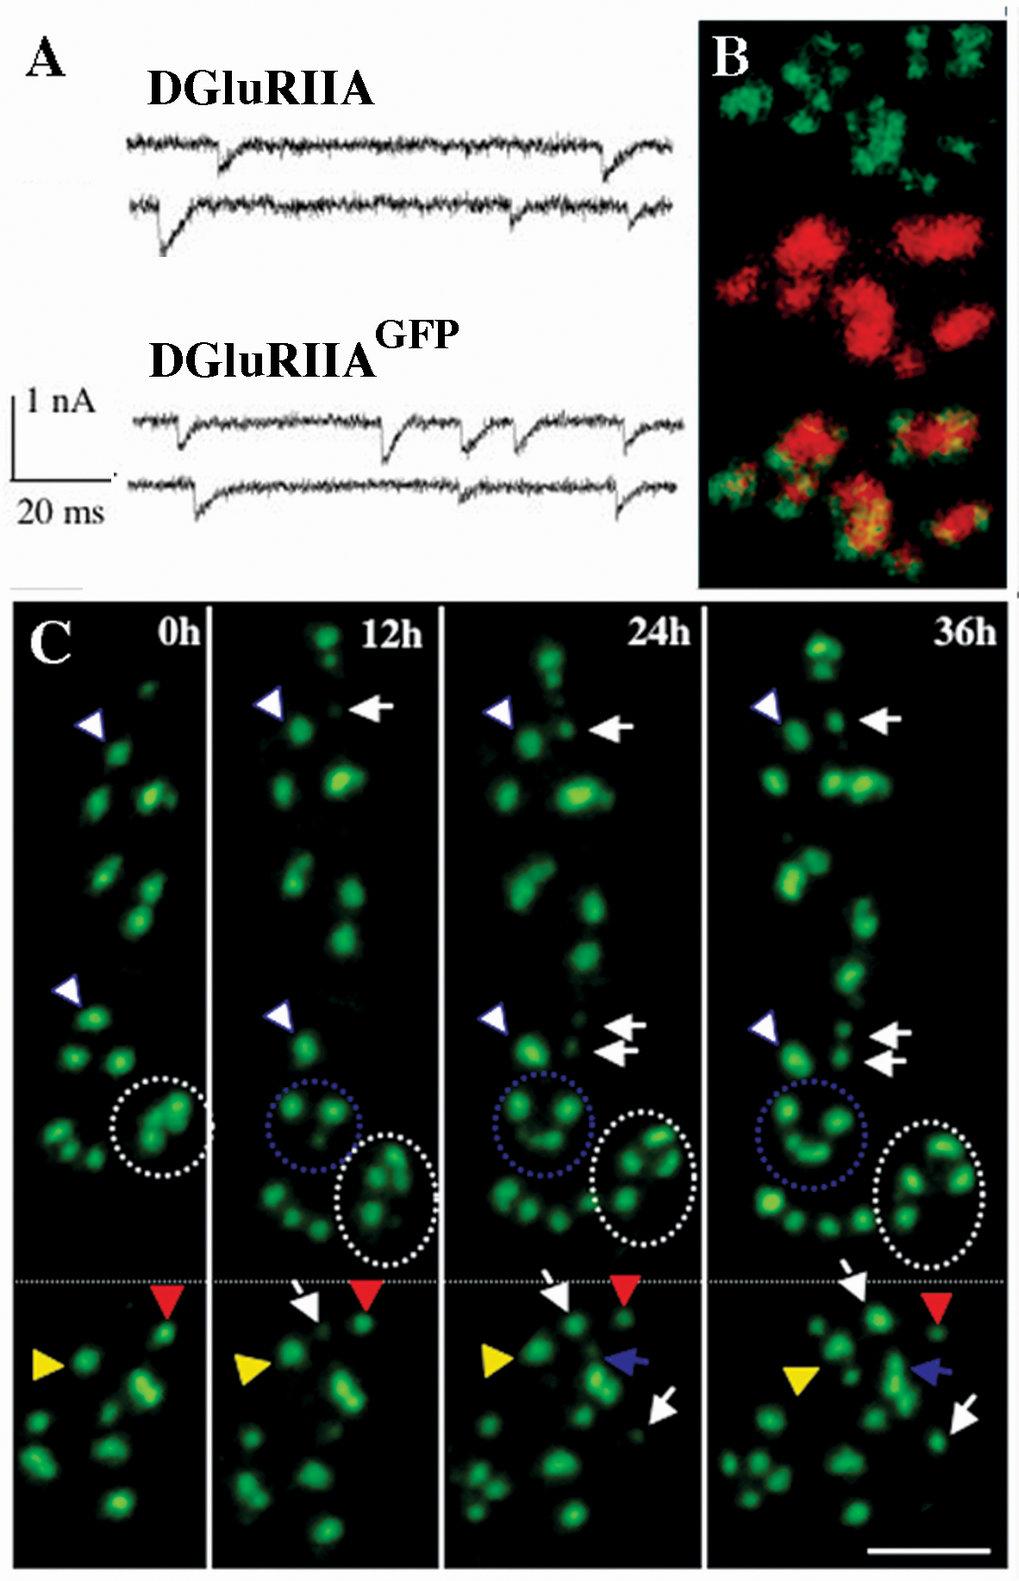 Markierung synaptischer Glutamatrezeptoren mit dem selbstleuchtenden GFP-Protein erlaubt die Langzeit-Darstellung synaptischer Rezeptorfelder in leben